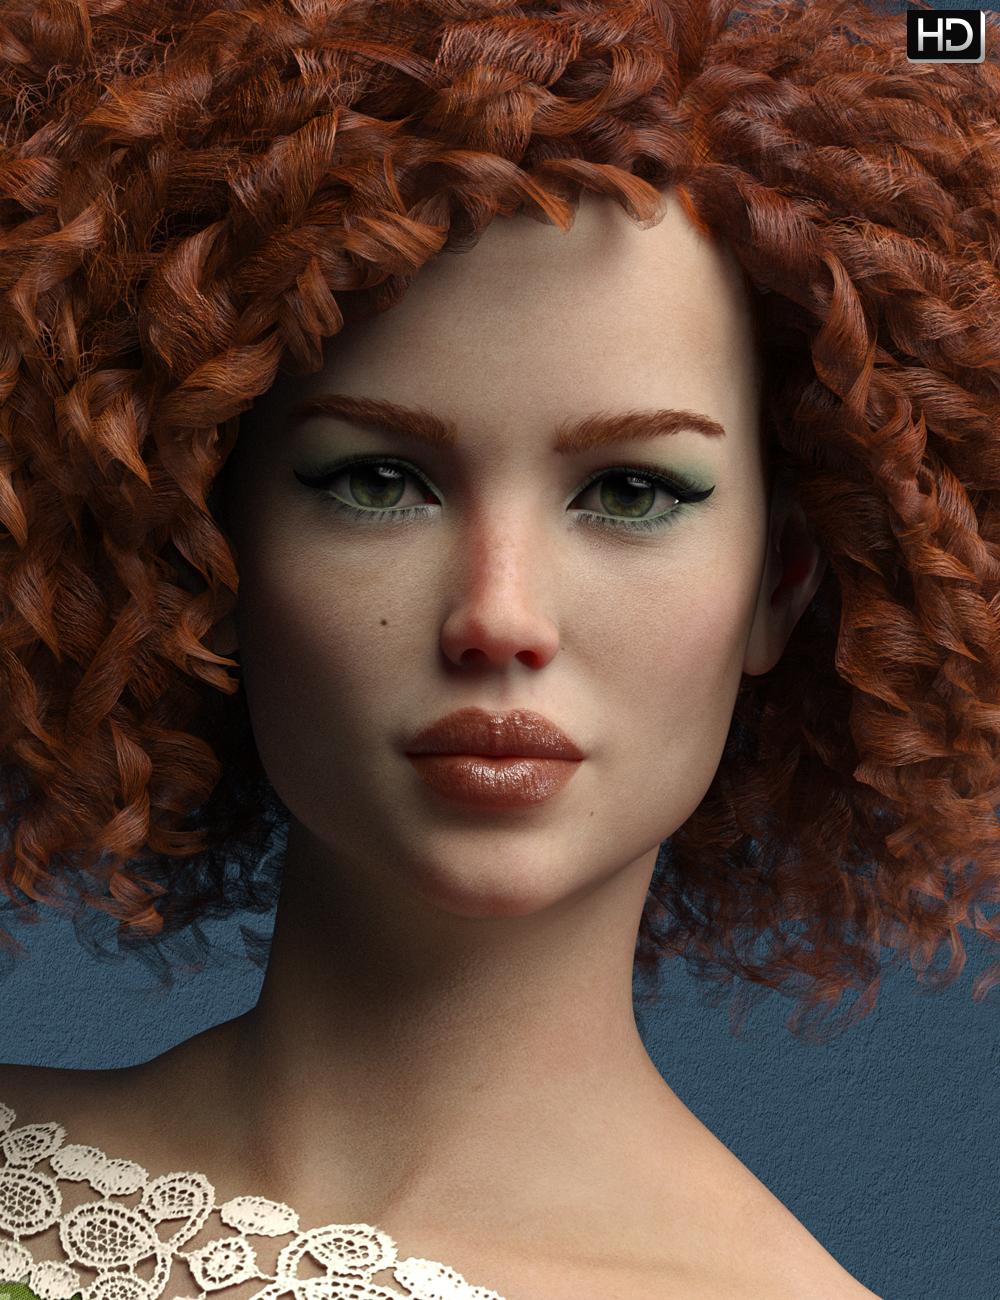 Audrey HD for Bridget 8 by: Emrys, 3D Models by Daz 3D